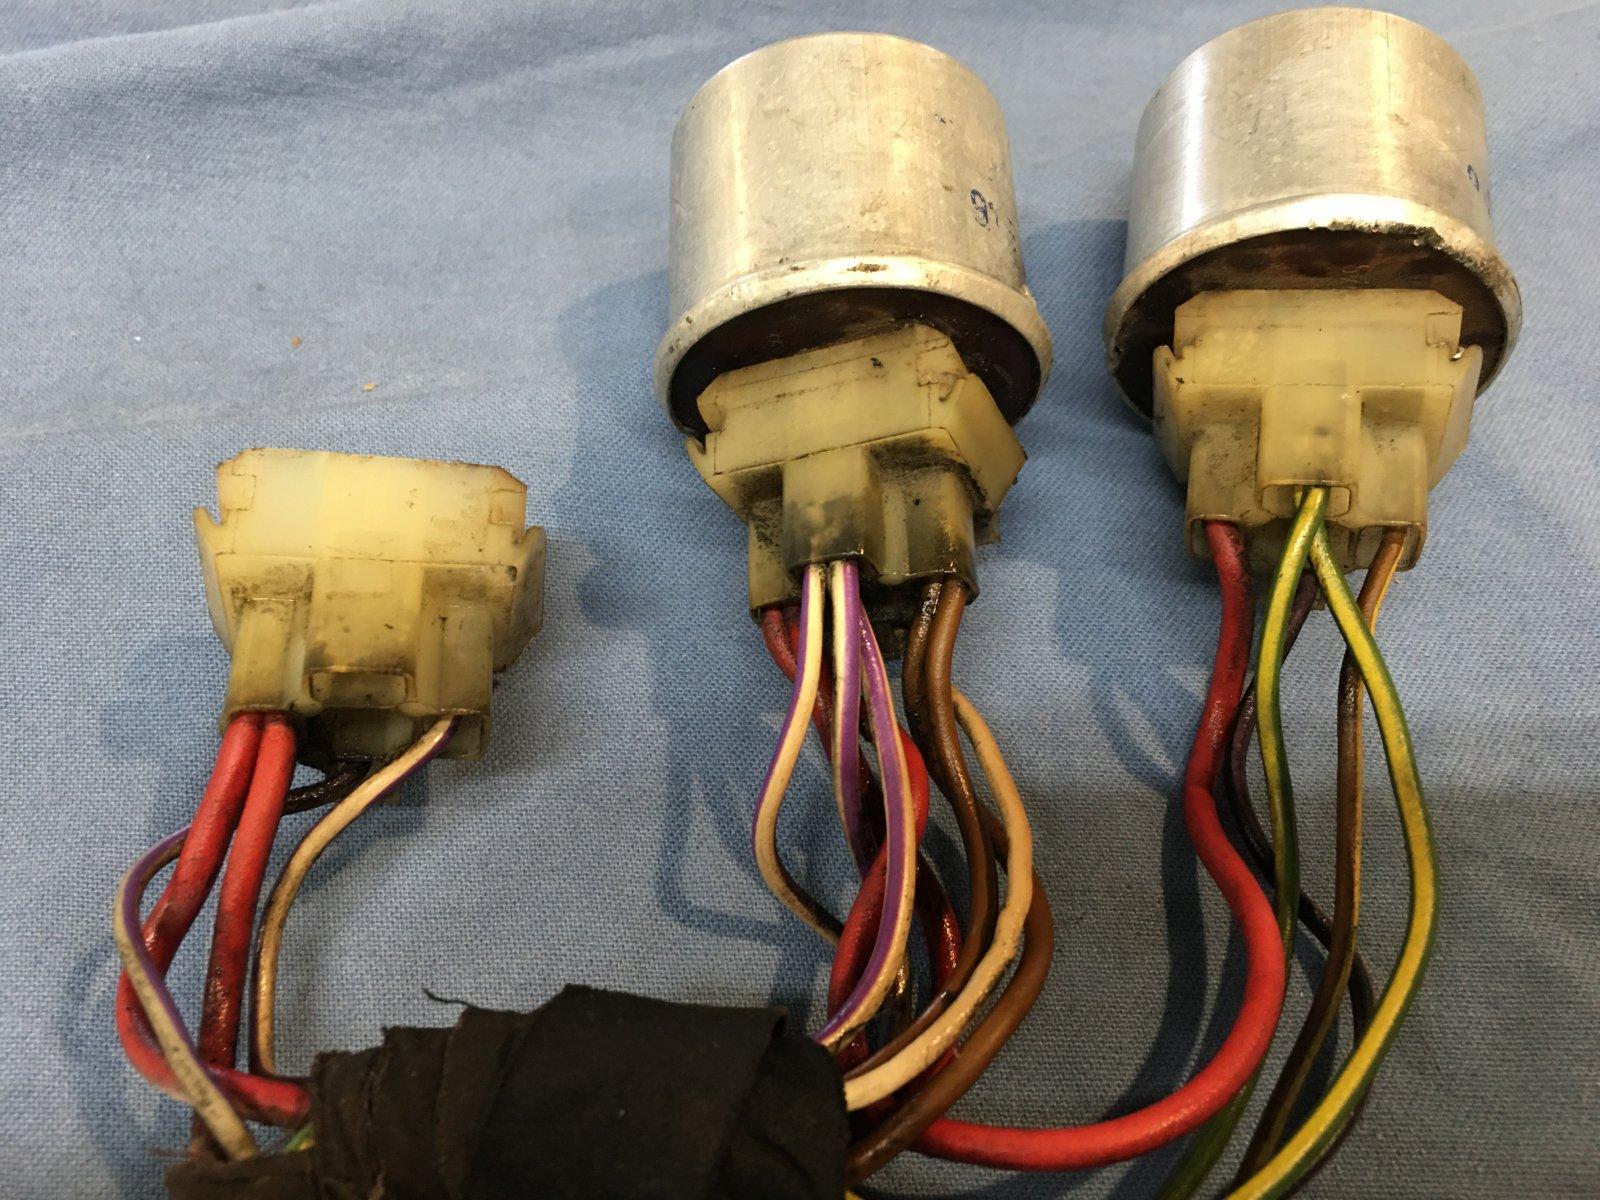 2EA95DCC-4771-44ED-AE24-D2C258E18EB7.jpeg